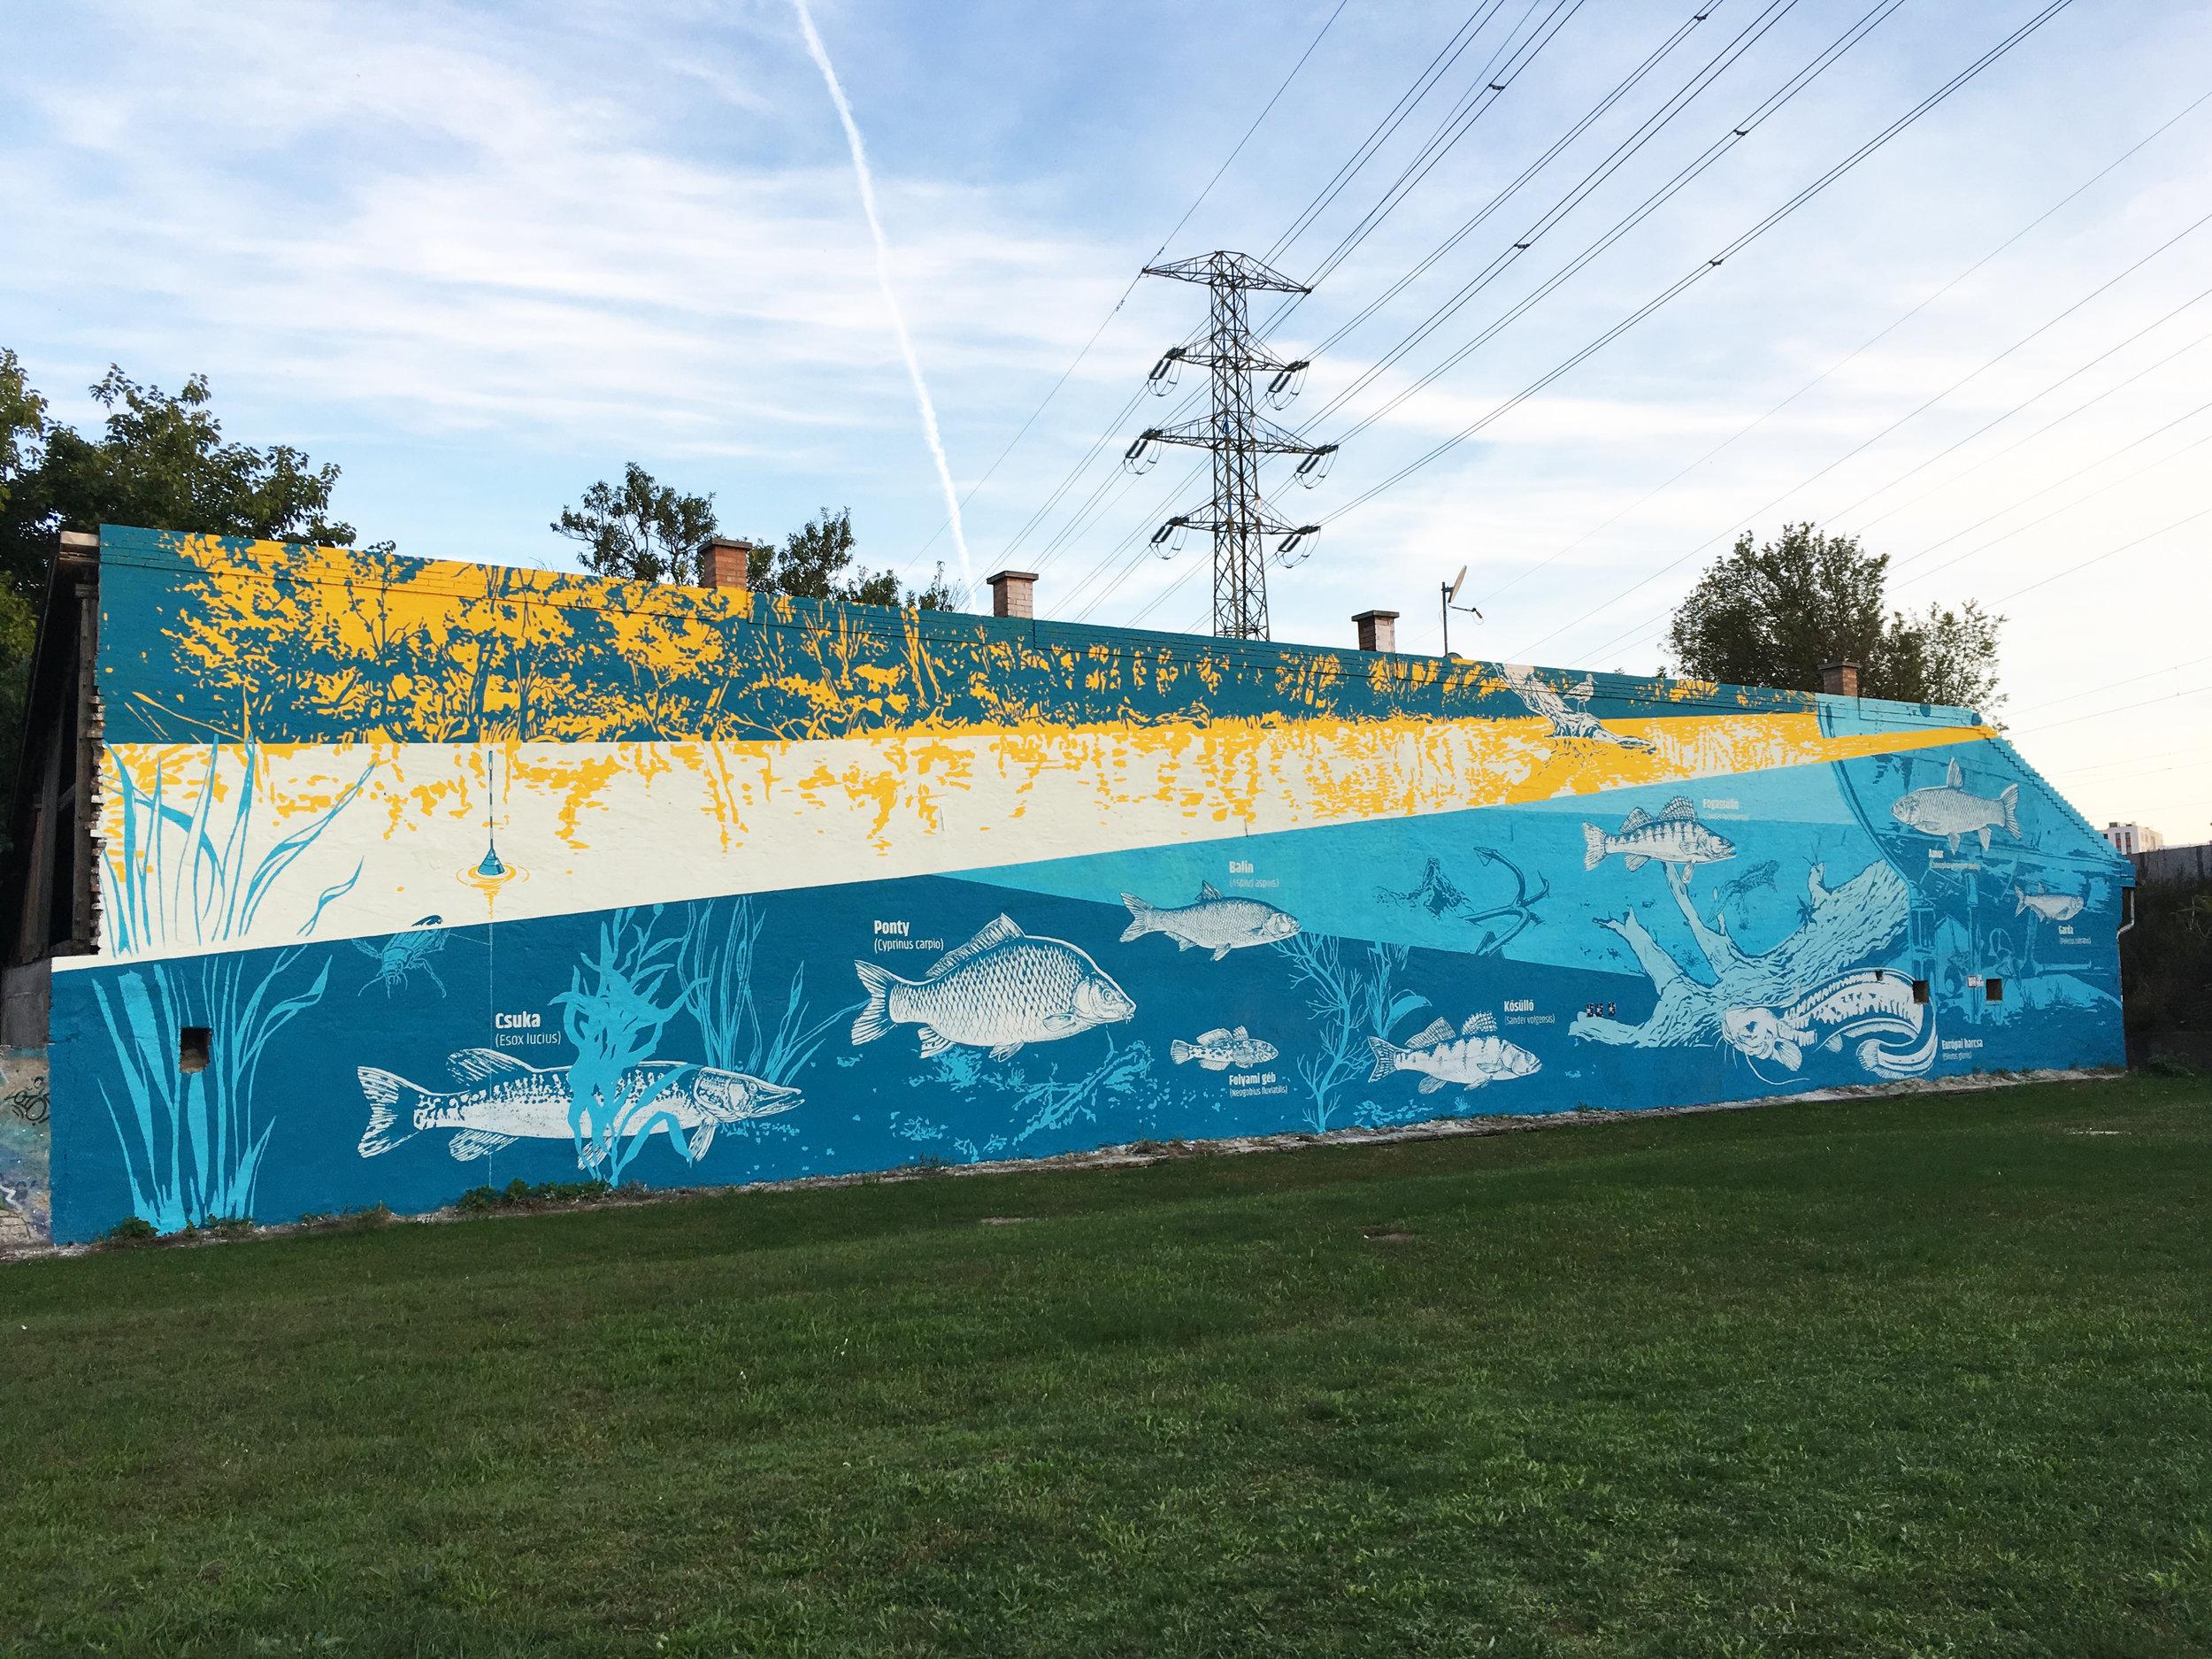 tűzfalfestmény tűzfalfestés tűzfal dekorációs falfestés falfestmény címfestés vertigo vertigo murals